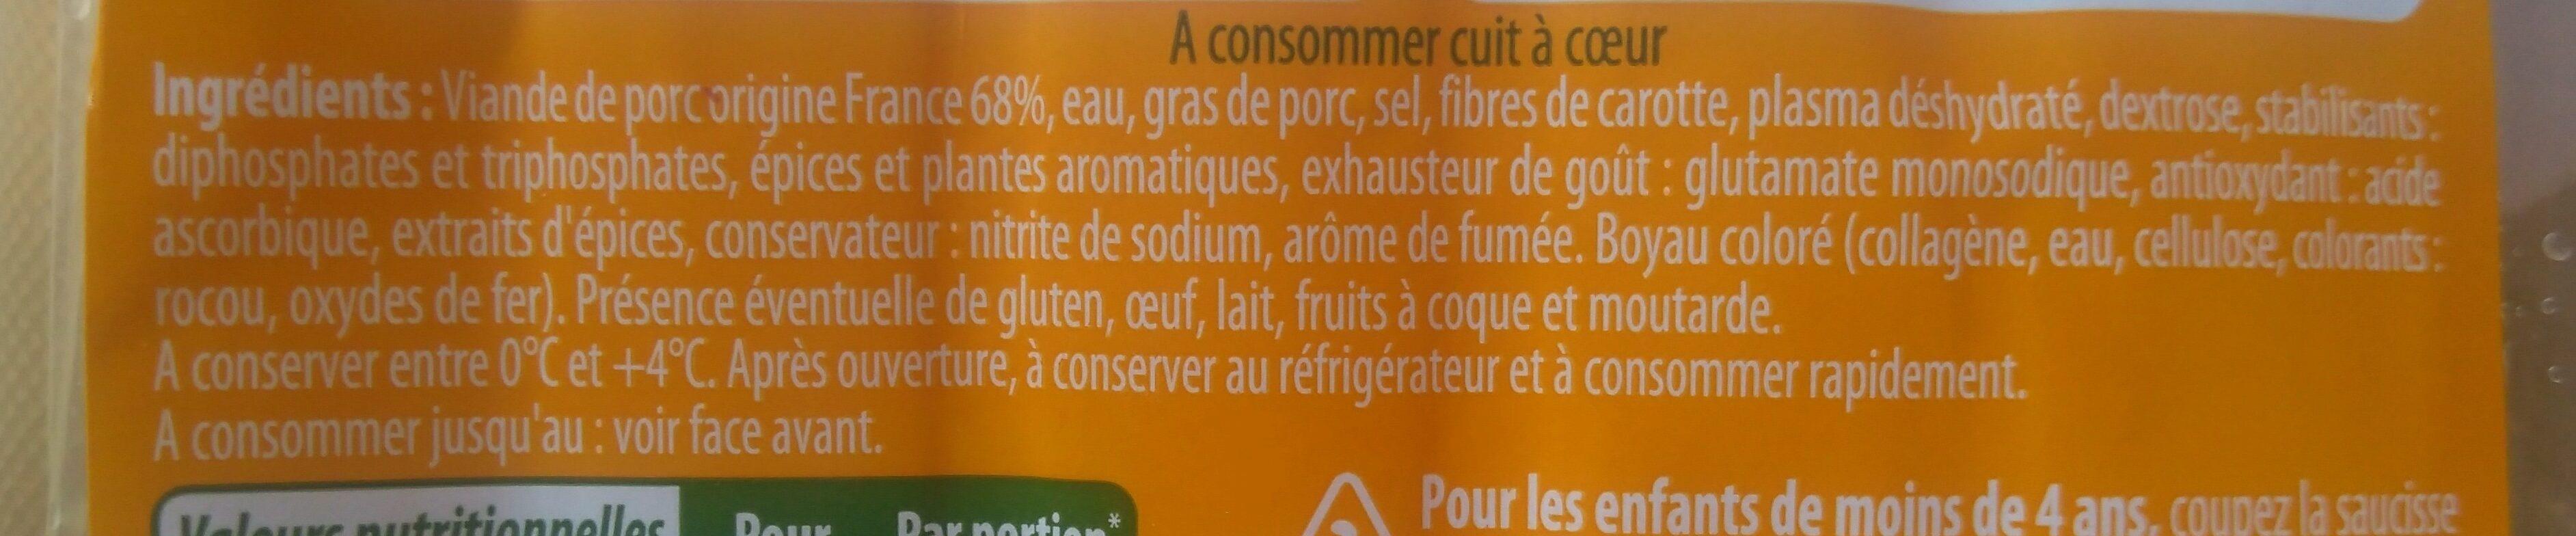 Stoeffler saucisse de francfort 2x6 - Ingredients - fr